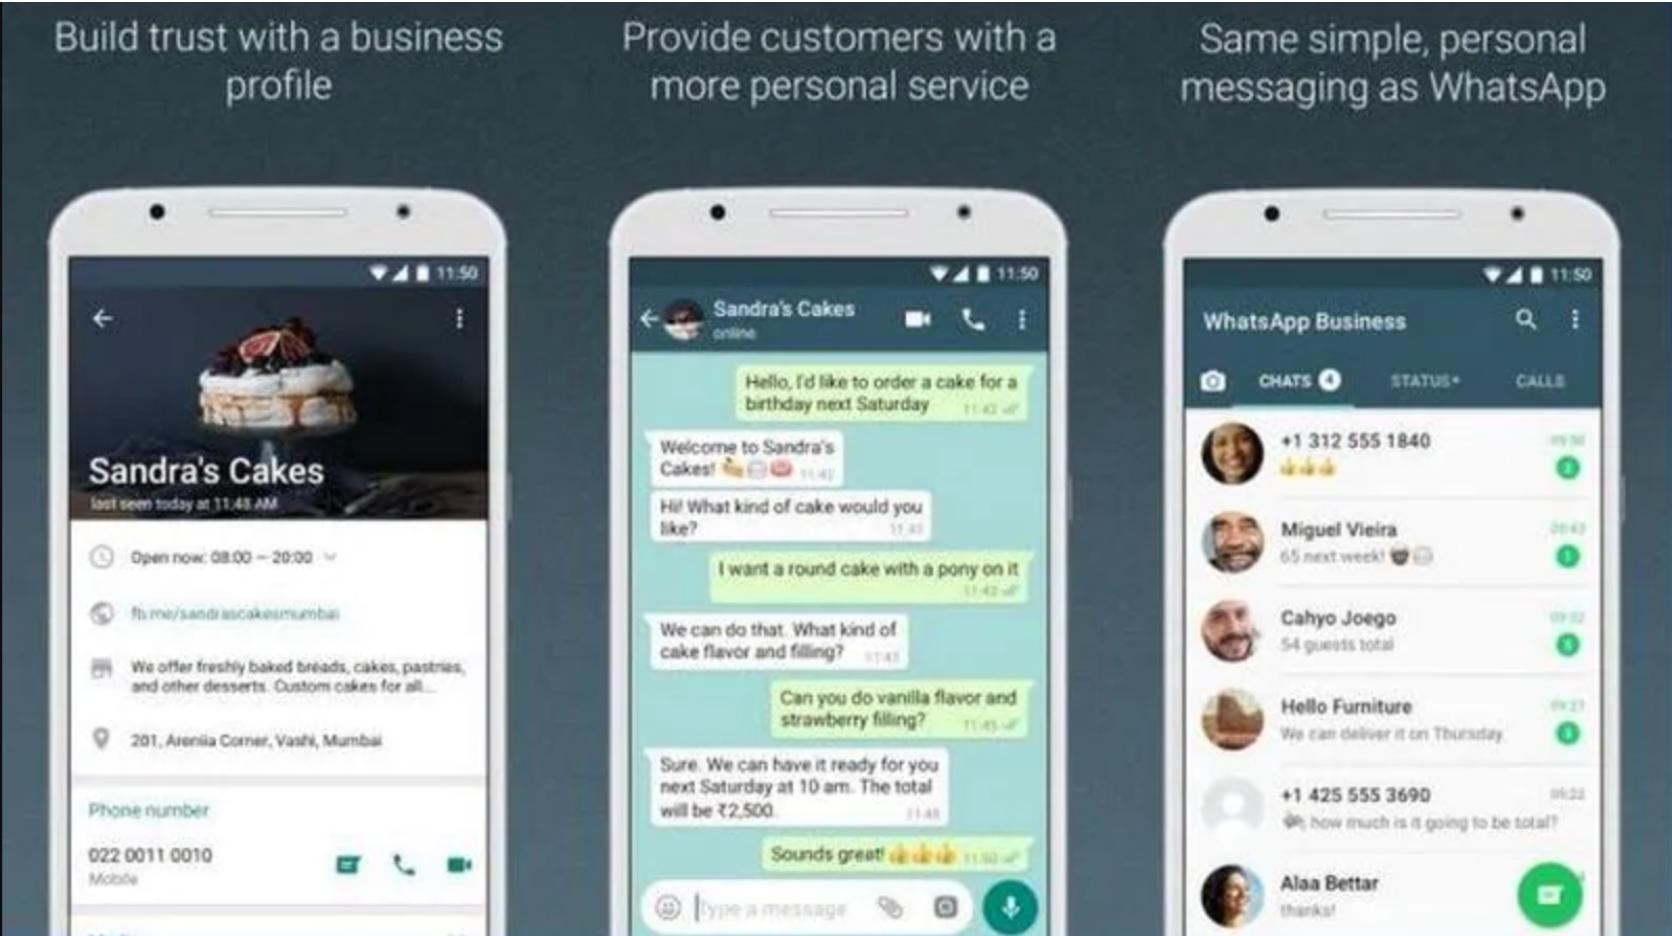 WhatsApp Business UI